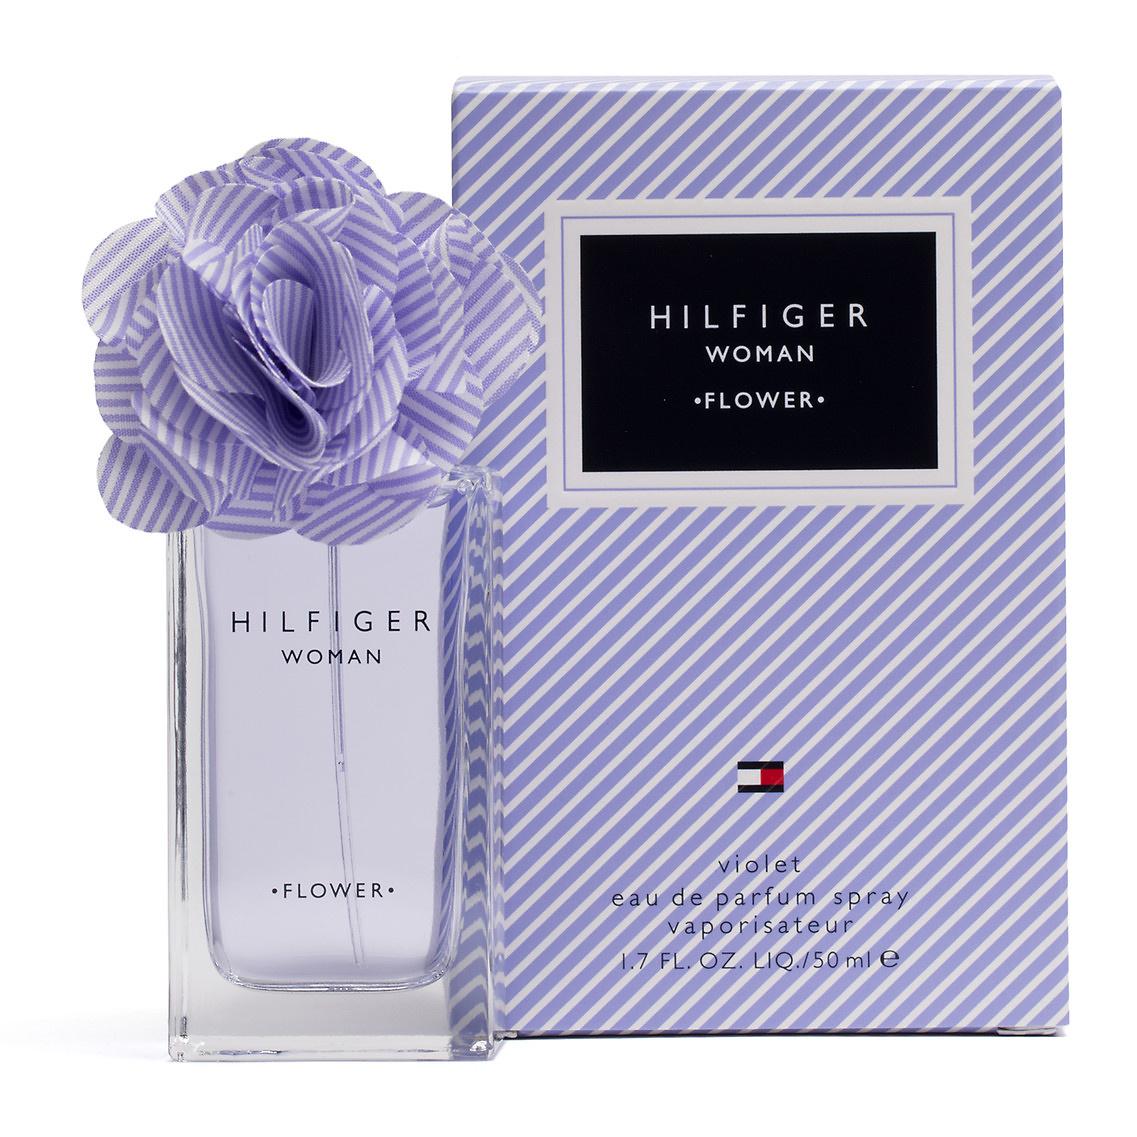 Tommy Hilfiger Flower Violet 50ml 8718662542869 || prijs